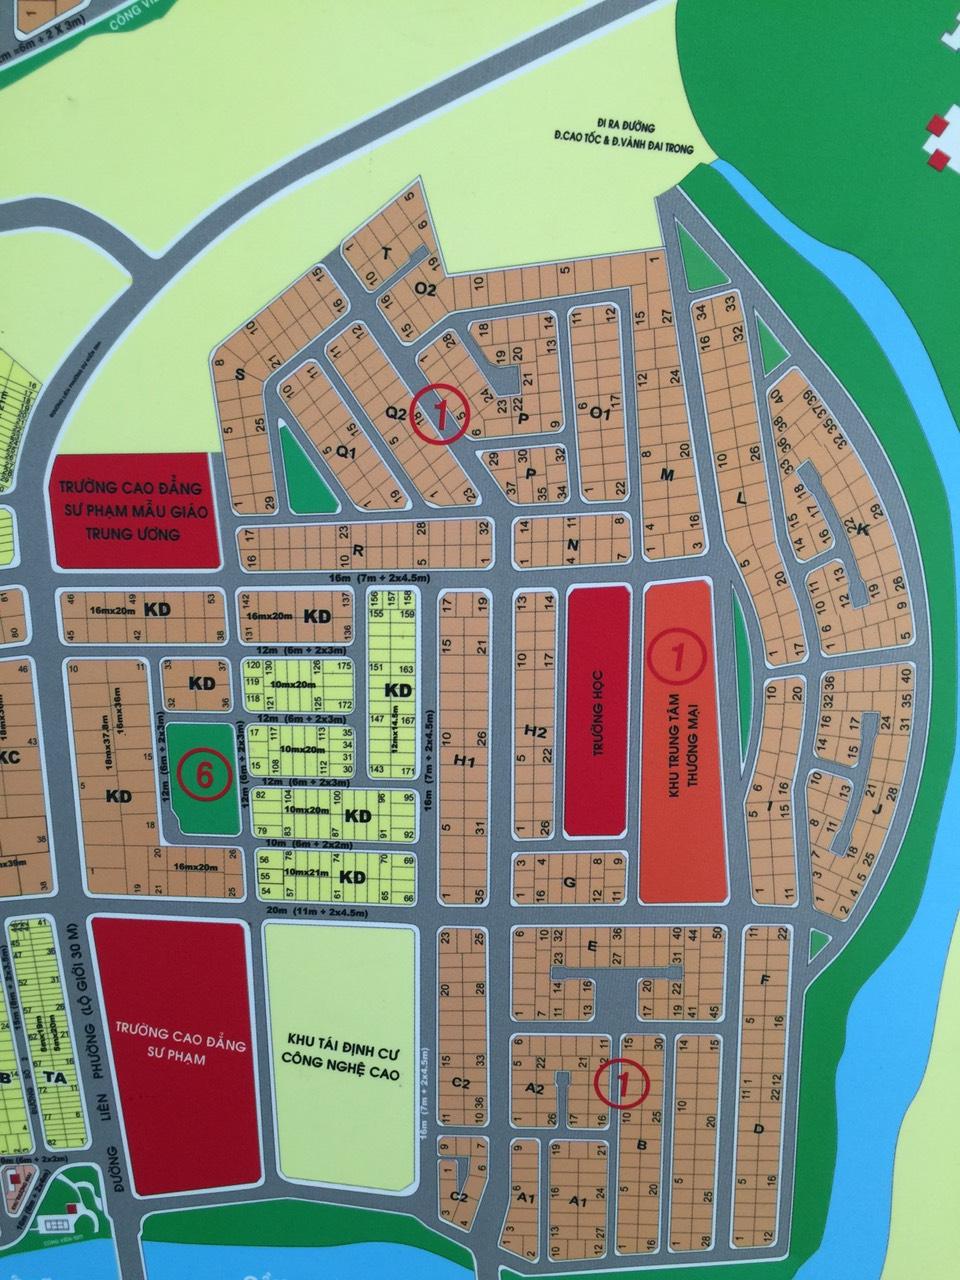 Bán đất dự án Phú Nhuận, phường Phước Long B, Quận 9